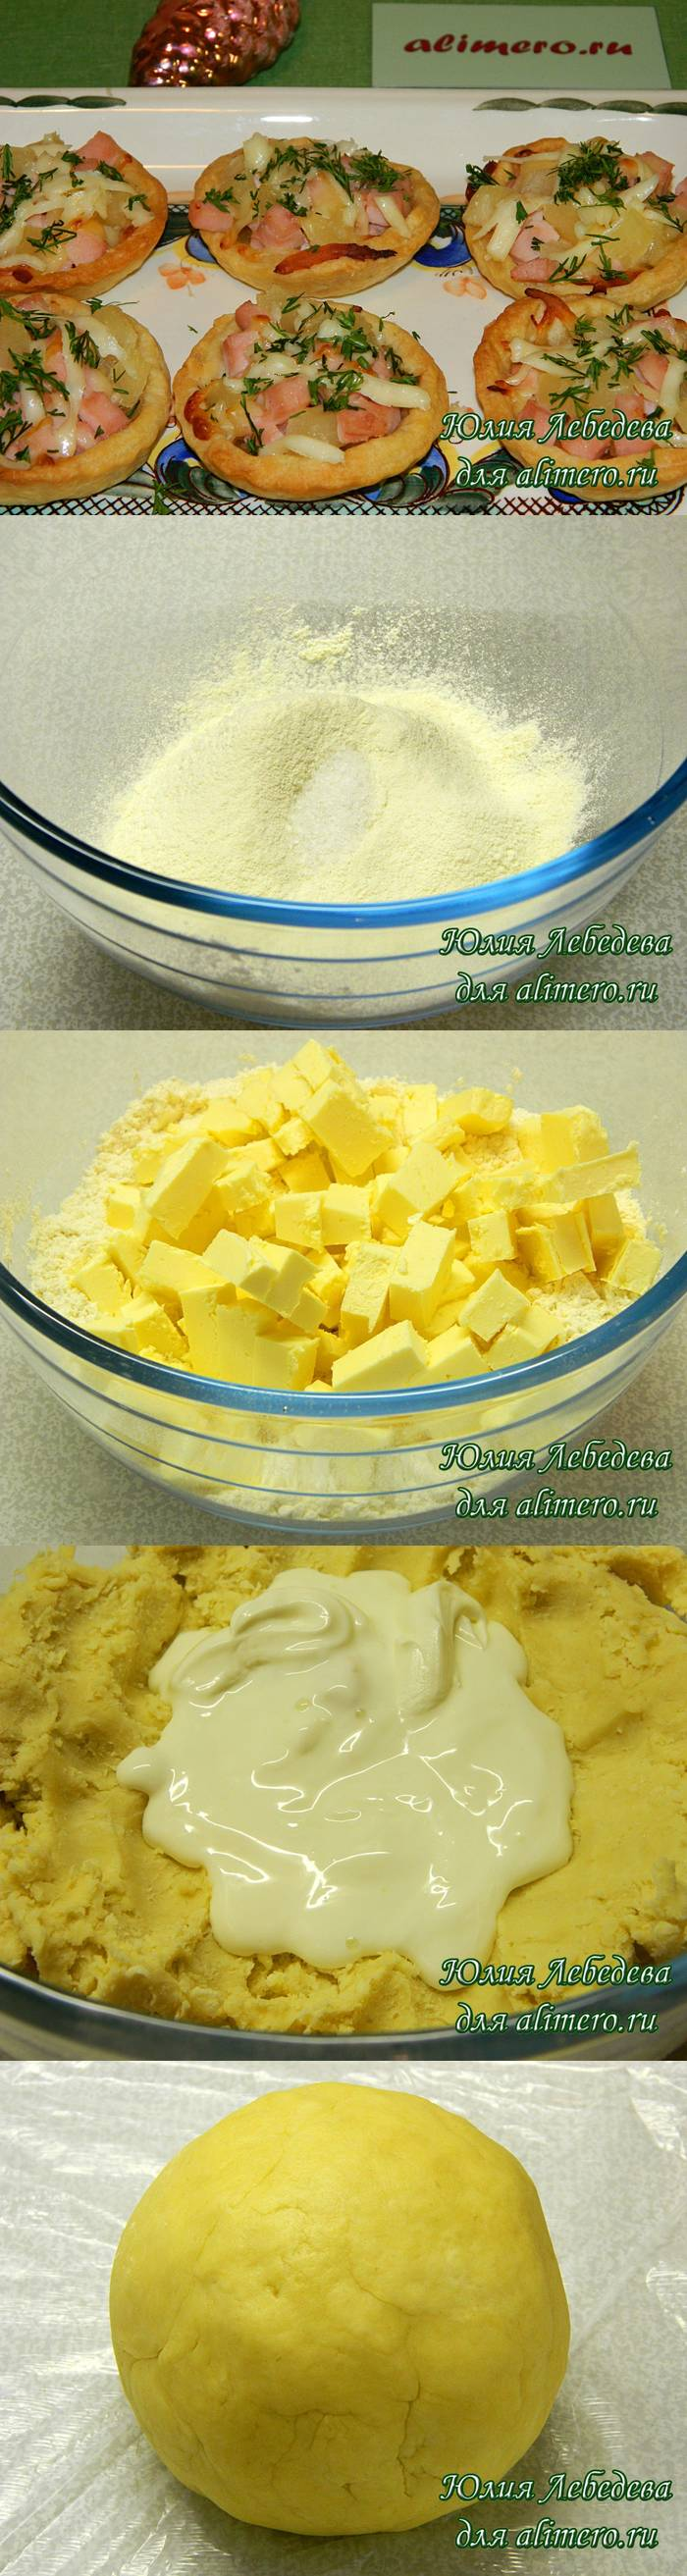 Тарталетки с ананасом, ветчиной и сыром